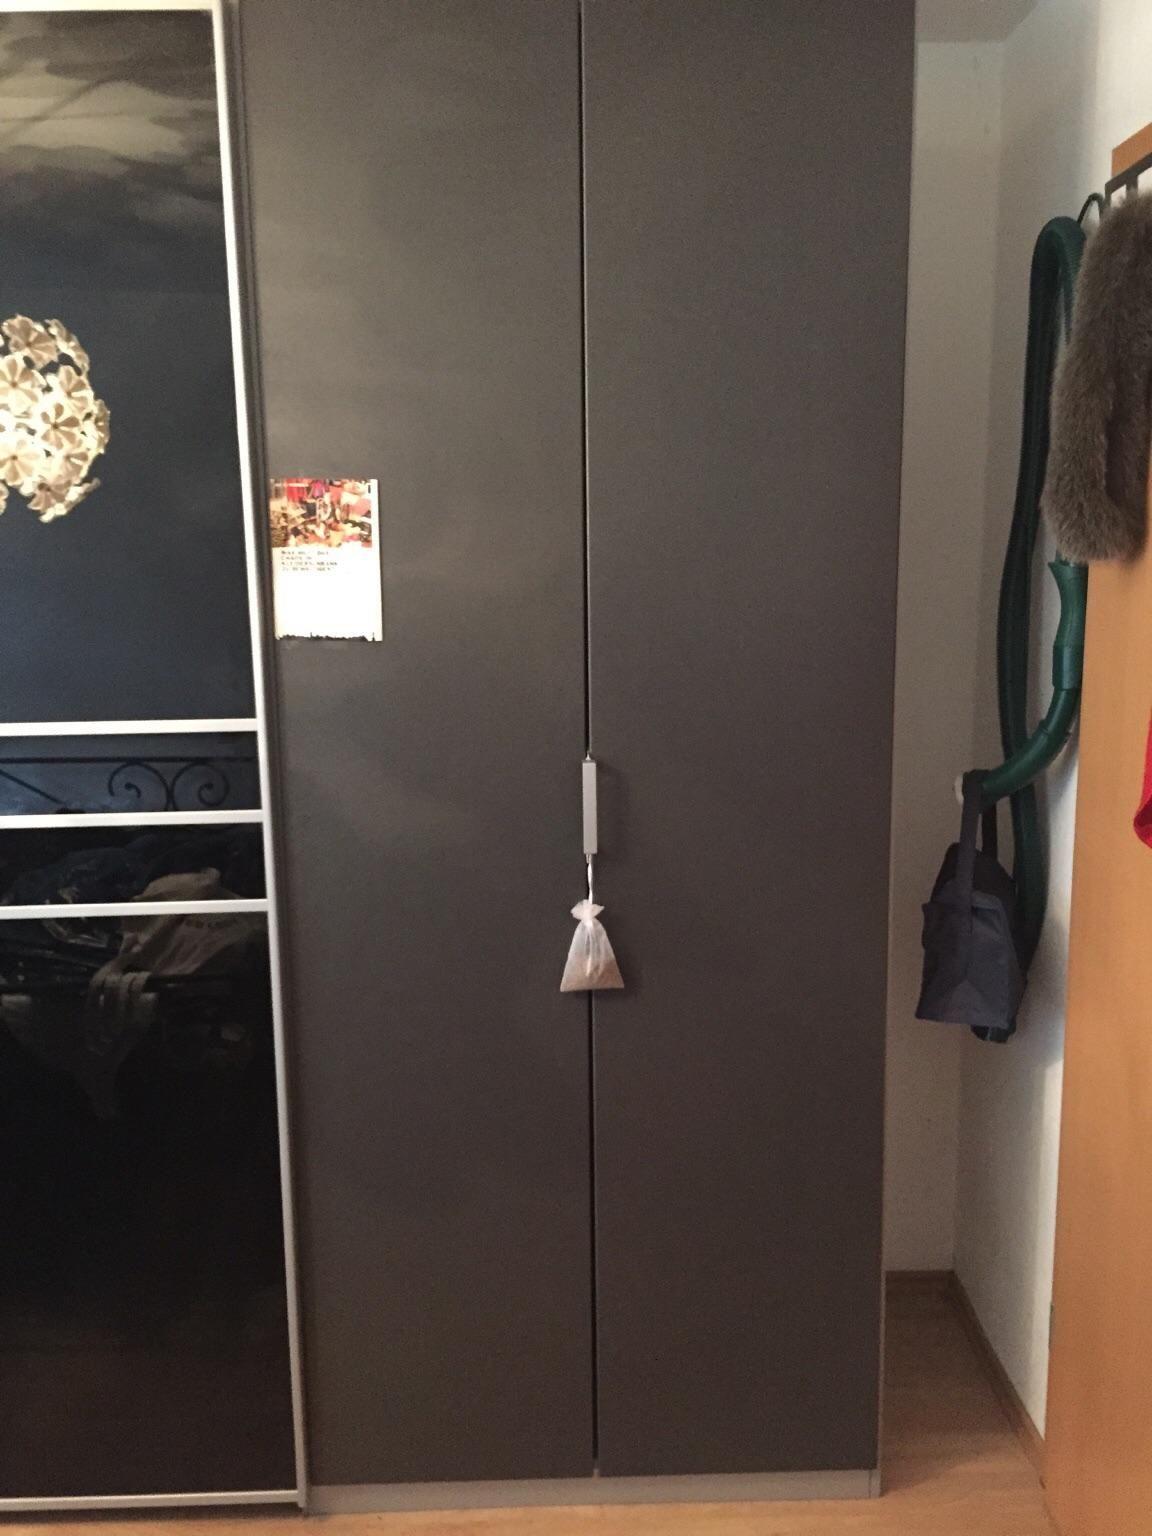 gebraucht kleiderschrank grau wie neu in 71229 leonberg um 35 00 shpock that 39 s the way i